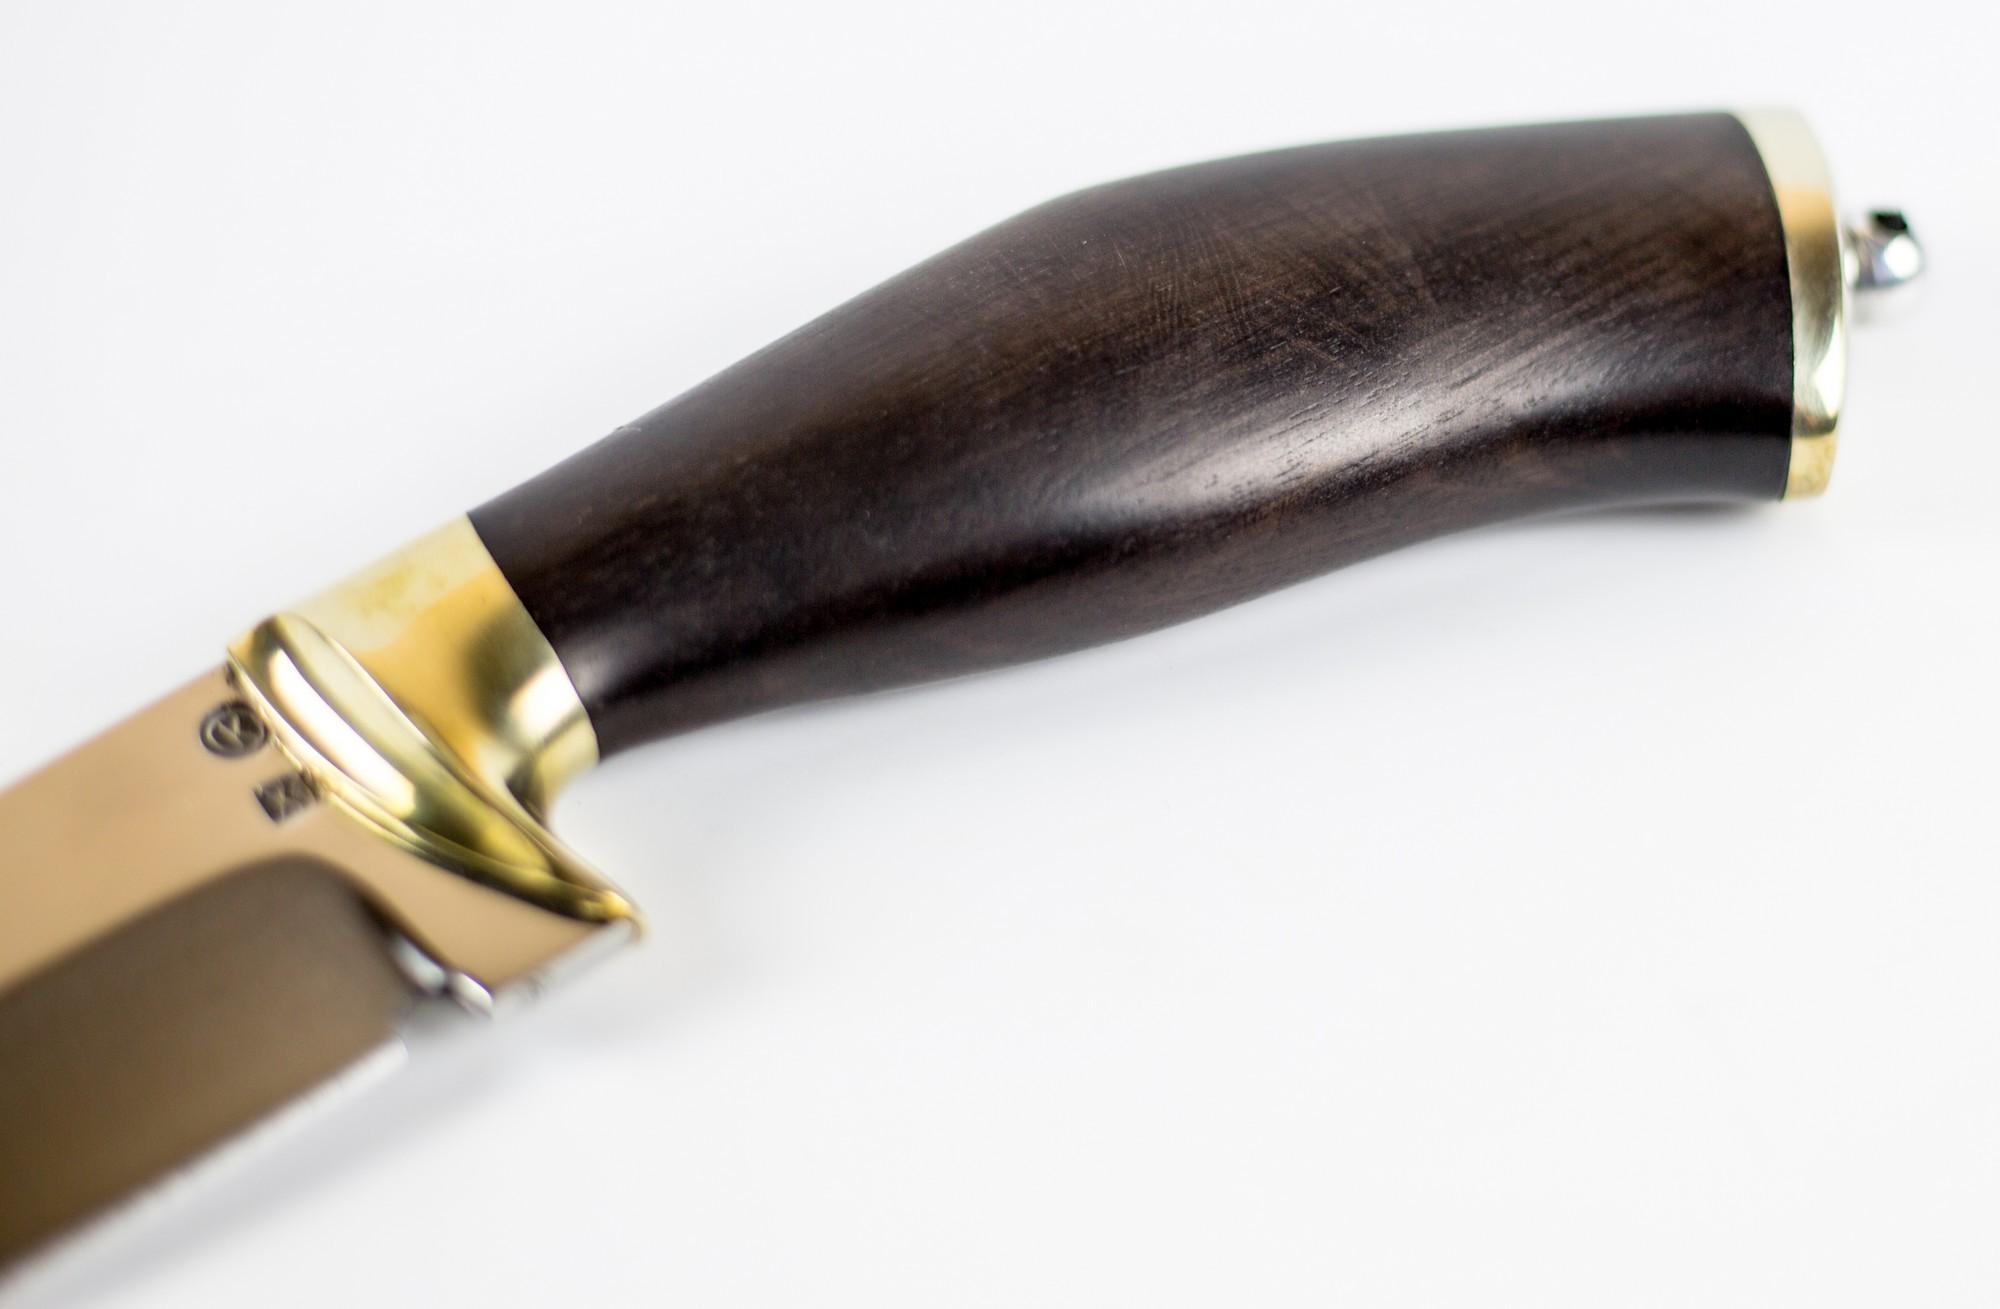 Фото 2 - Нож Зенит, сталь Х12МФ от Ножи Крутова